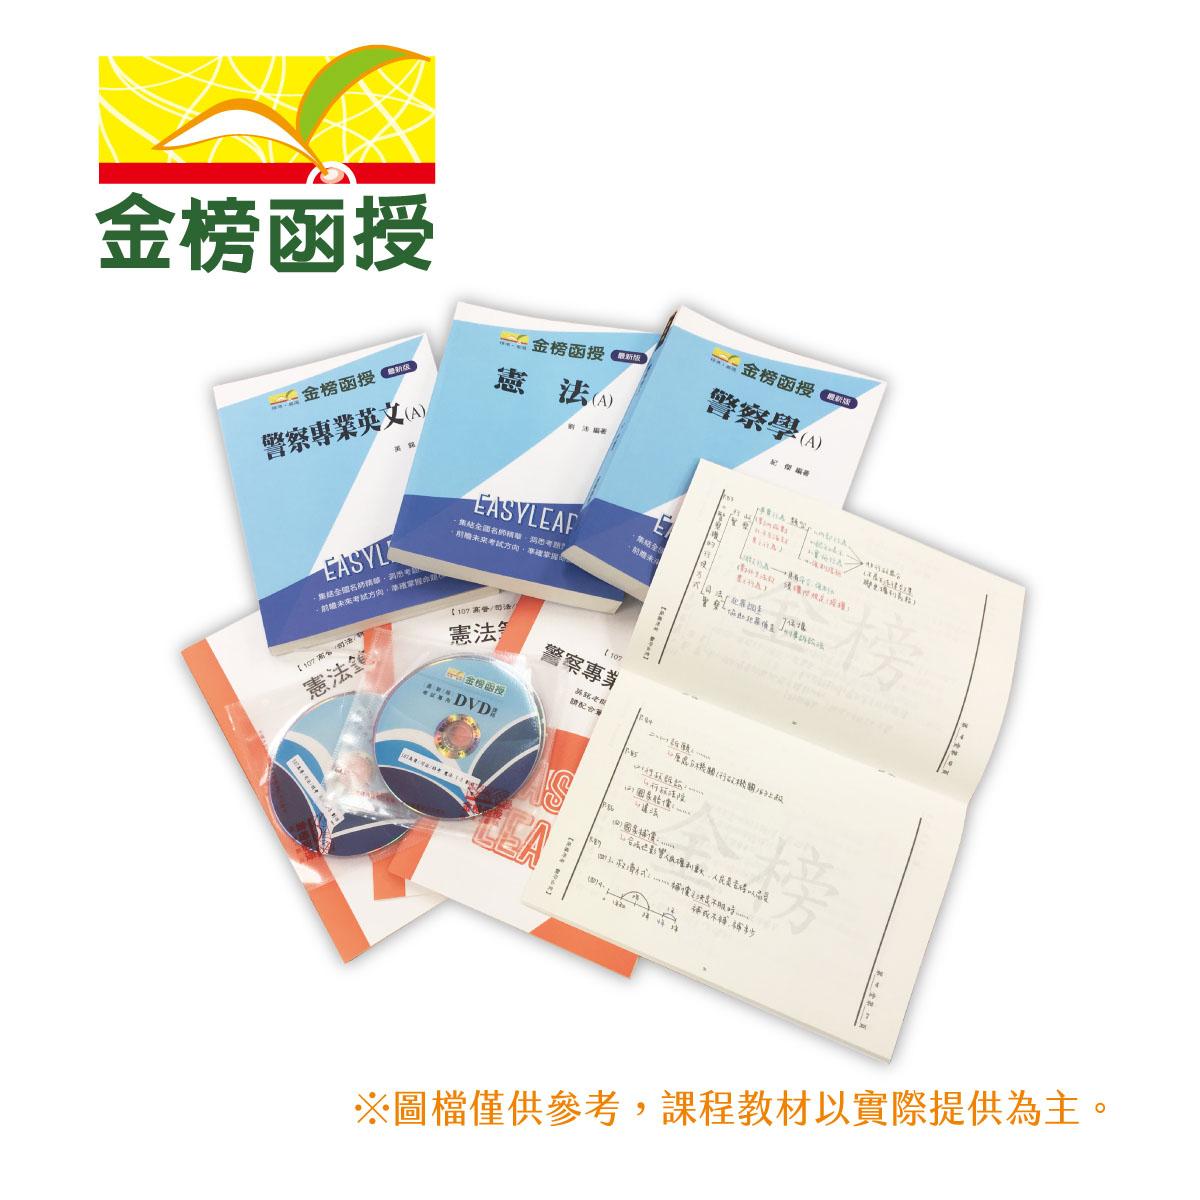 107金榜函授/地方特考/四等/全套/劳工行政/书面/专业科目